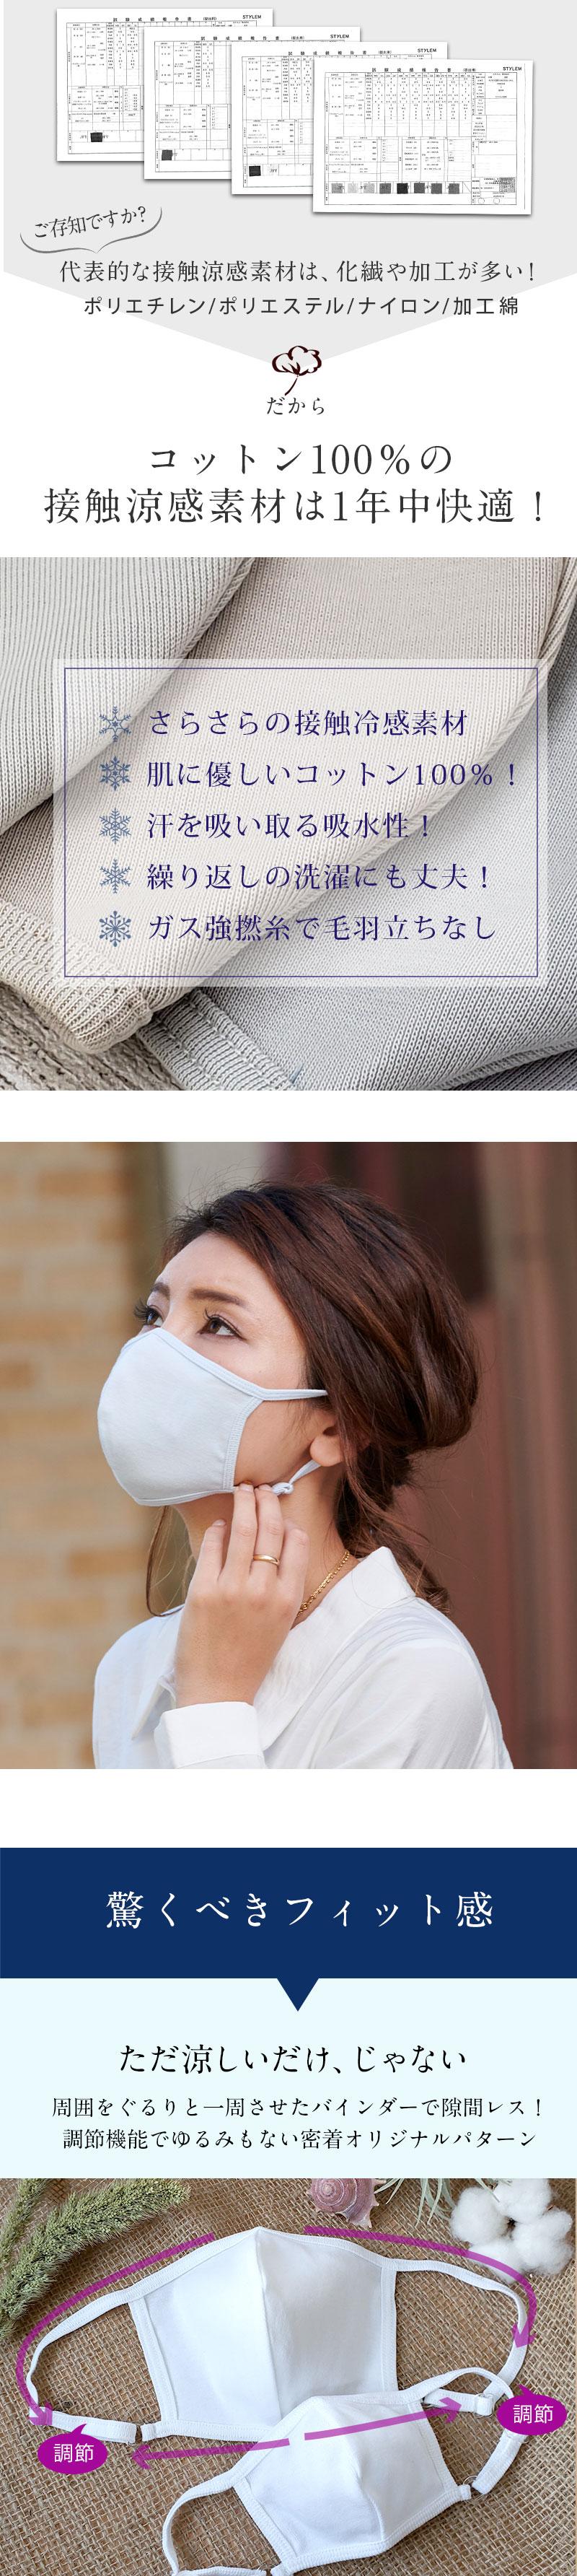 夏マスク 接触涼感でひんやり冷たいマスク